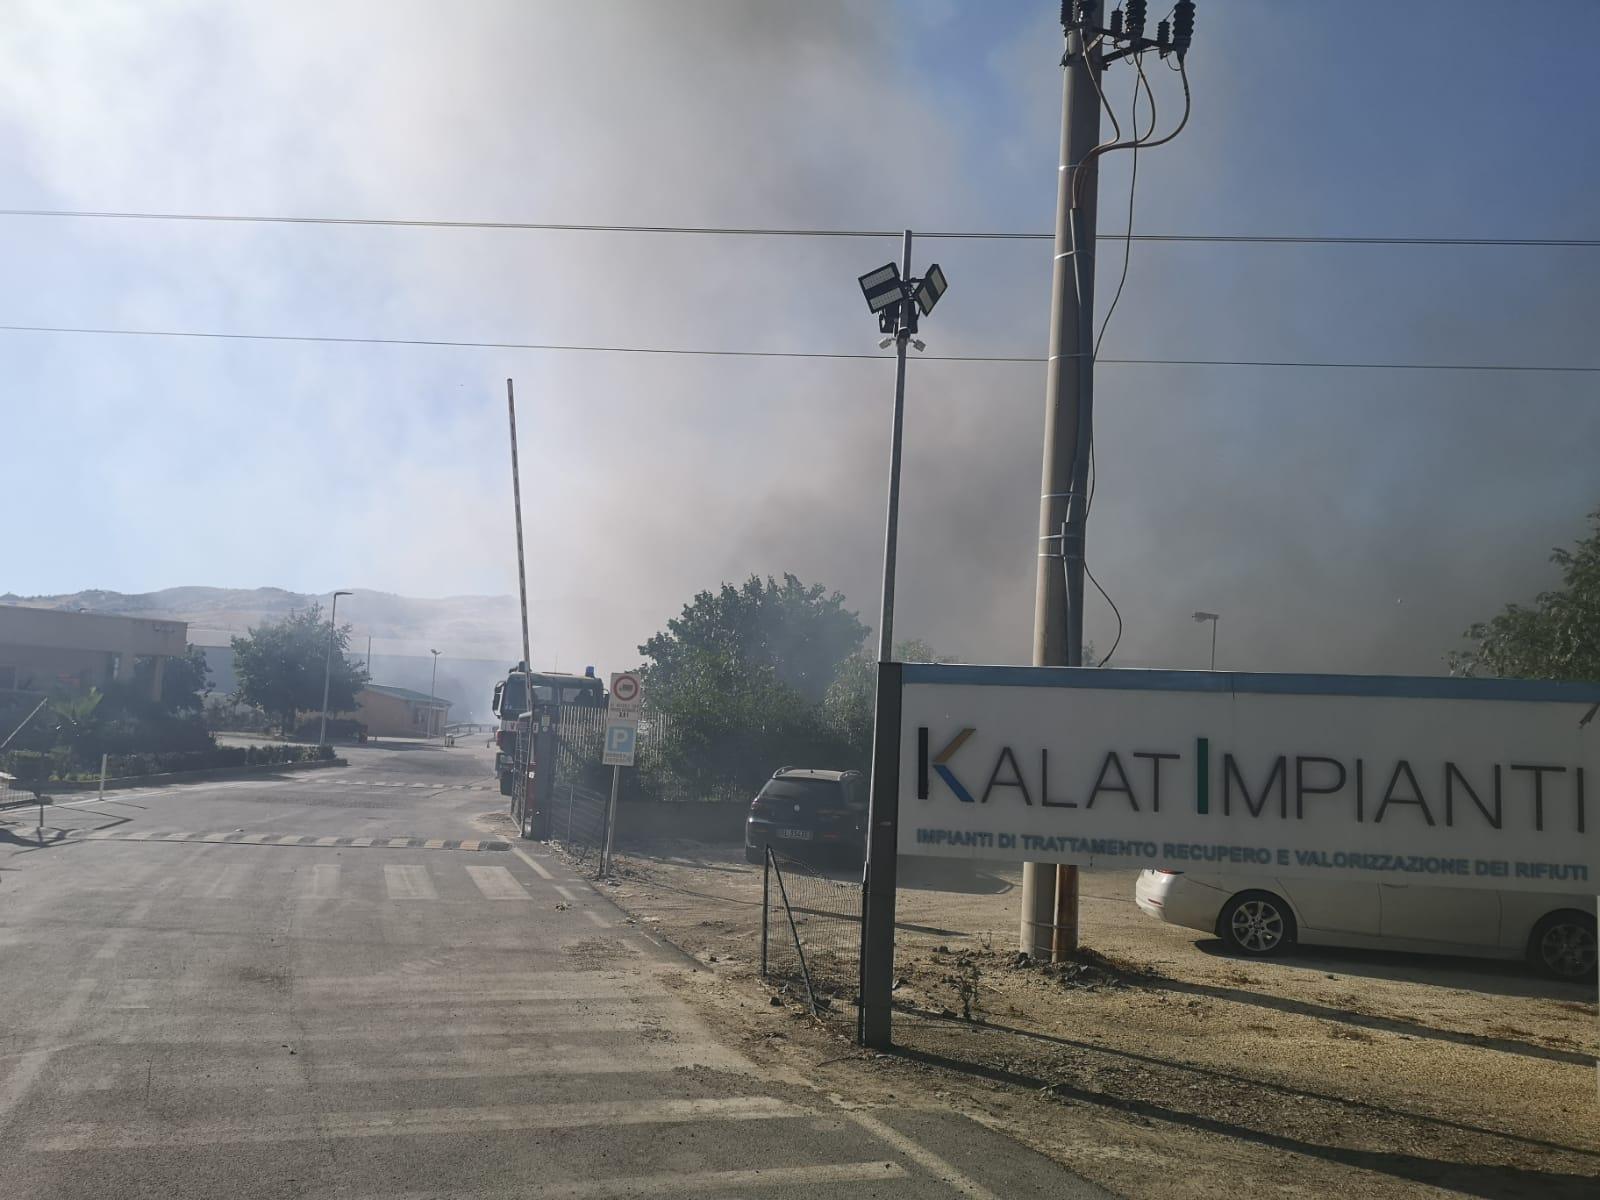 """Incendio """"Kalat Impianti"""", la preoccupazione della Cgil: La Regione intervenga per consentire subito la ripresa dell'attività e il sostegno al reddito ai lavoratori"""